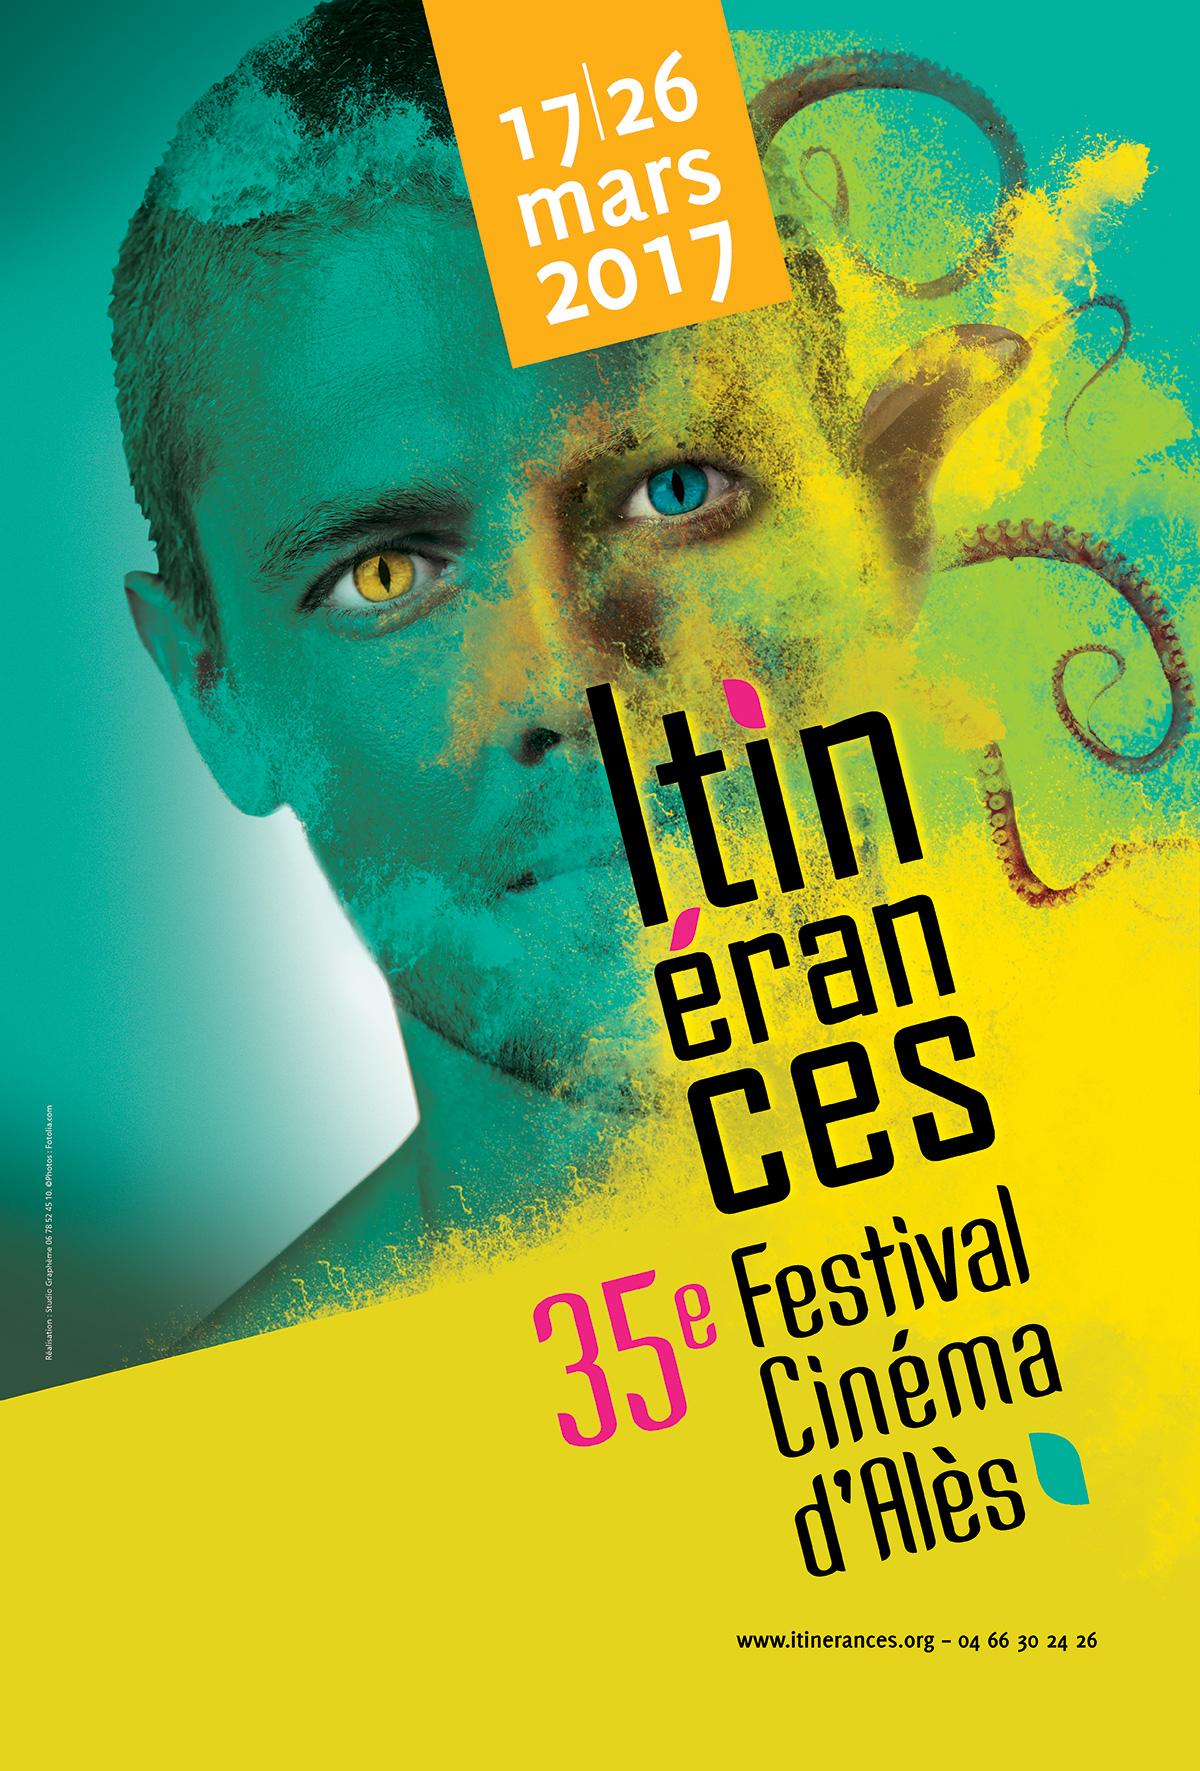 35e Festival Cinéma d'Alès